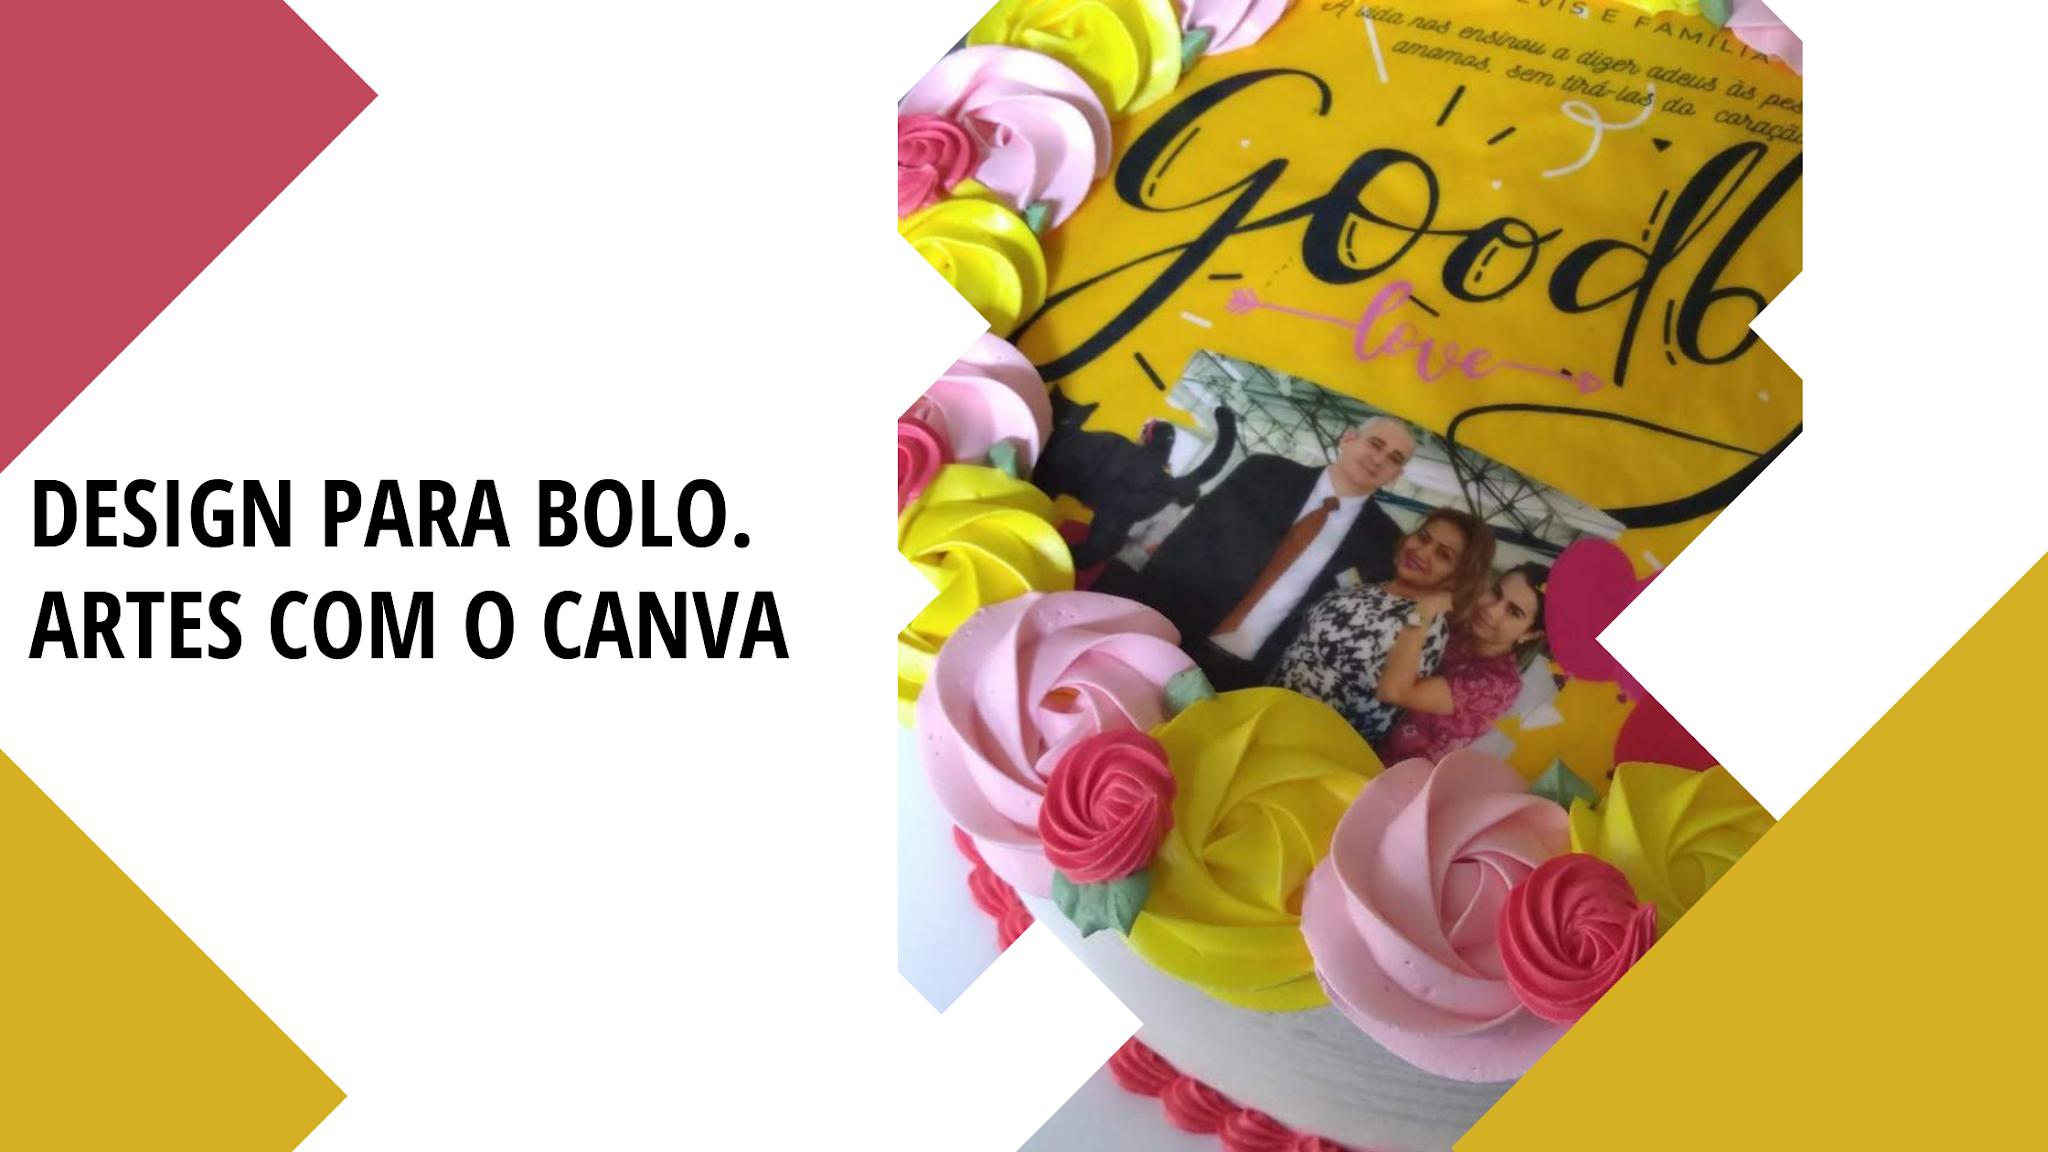 Artes comestíveis para bolo - decoração com canva